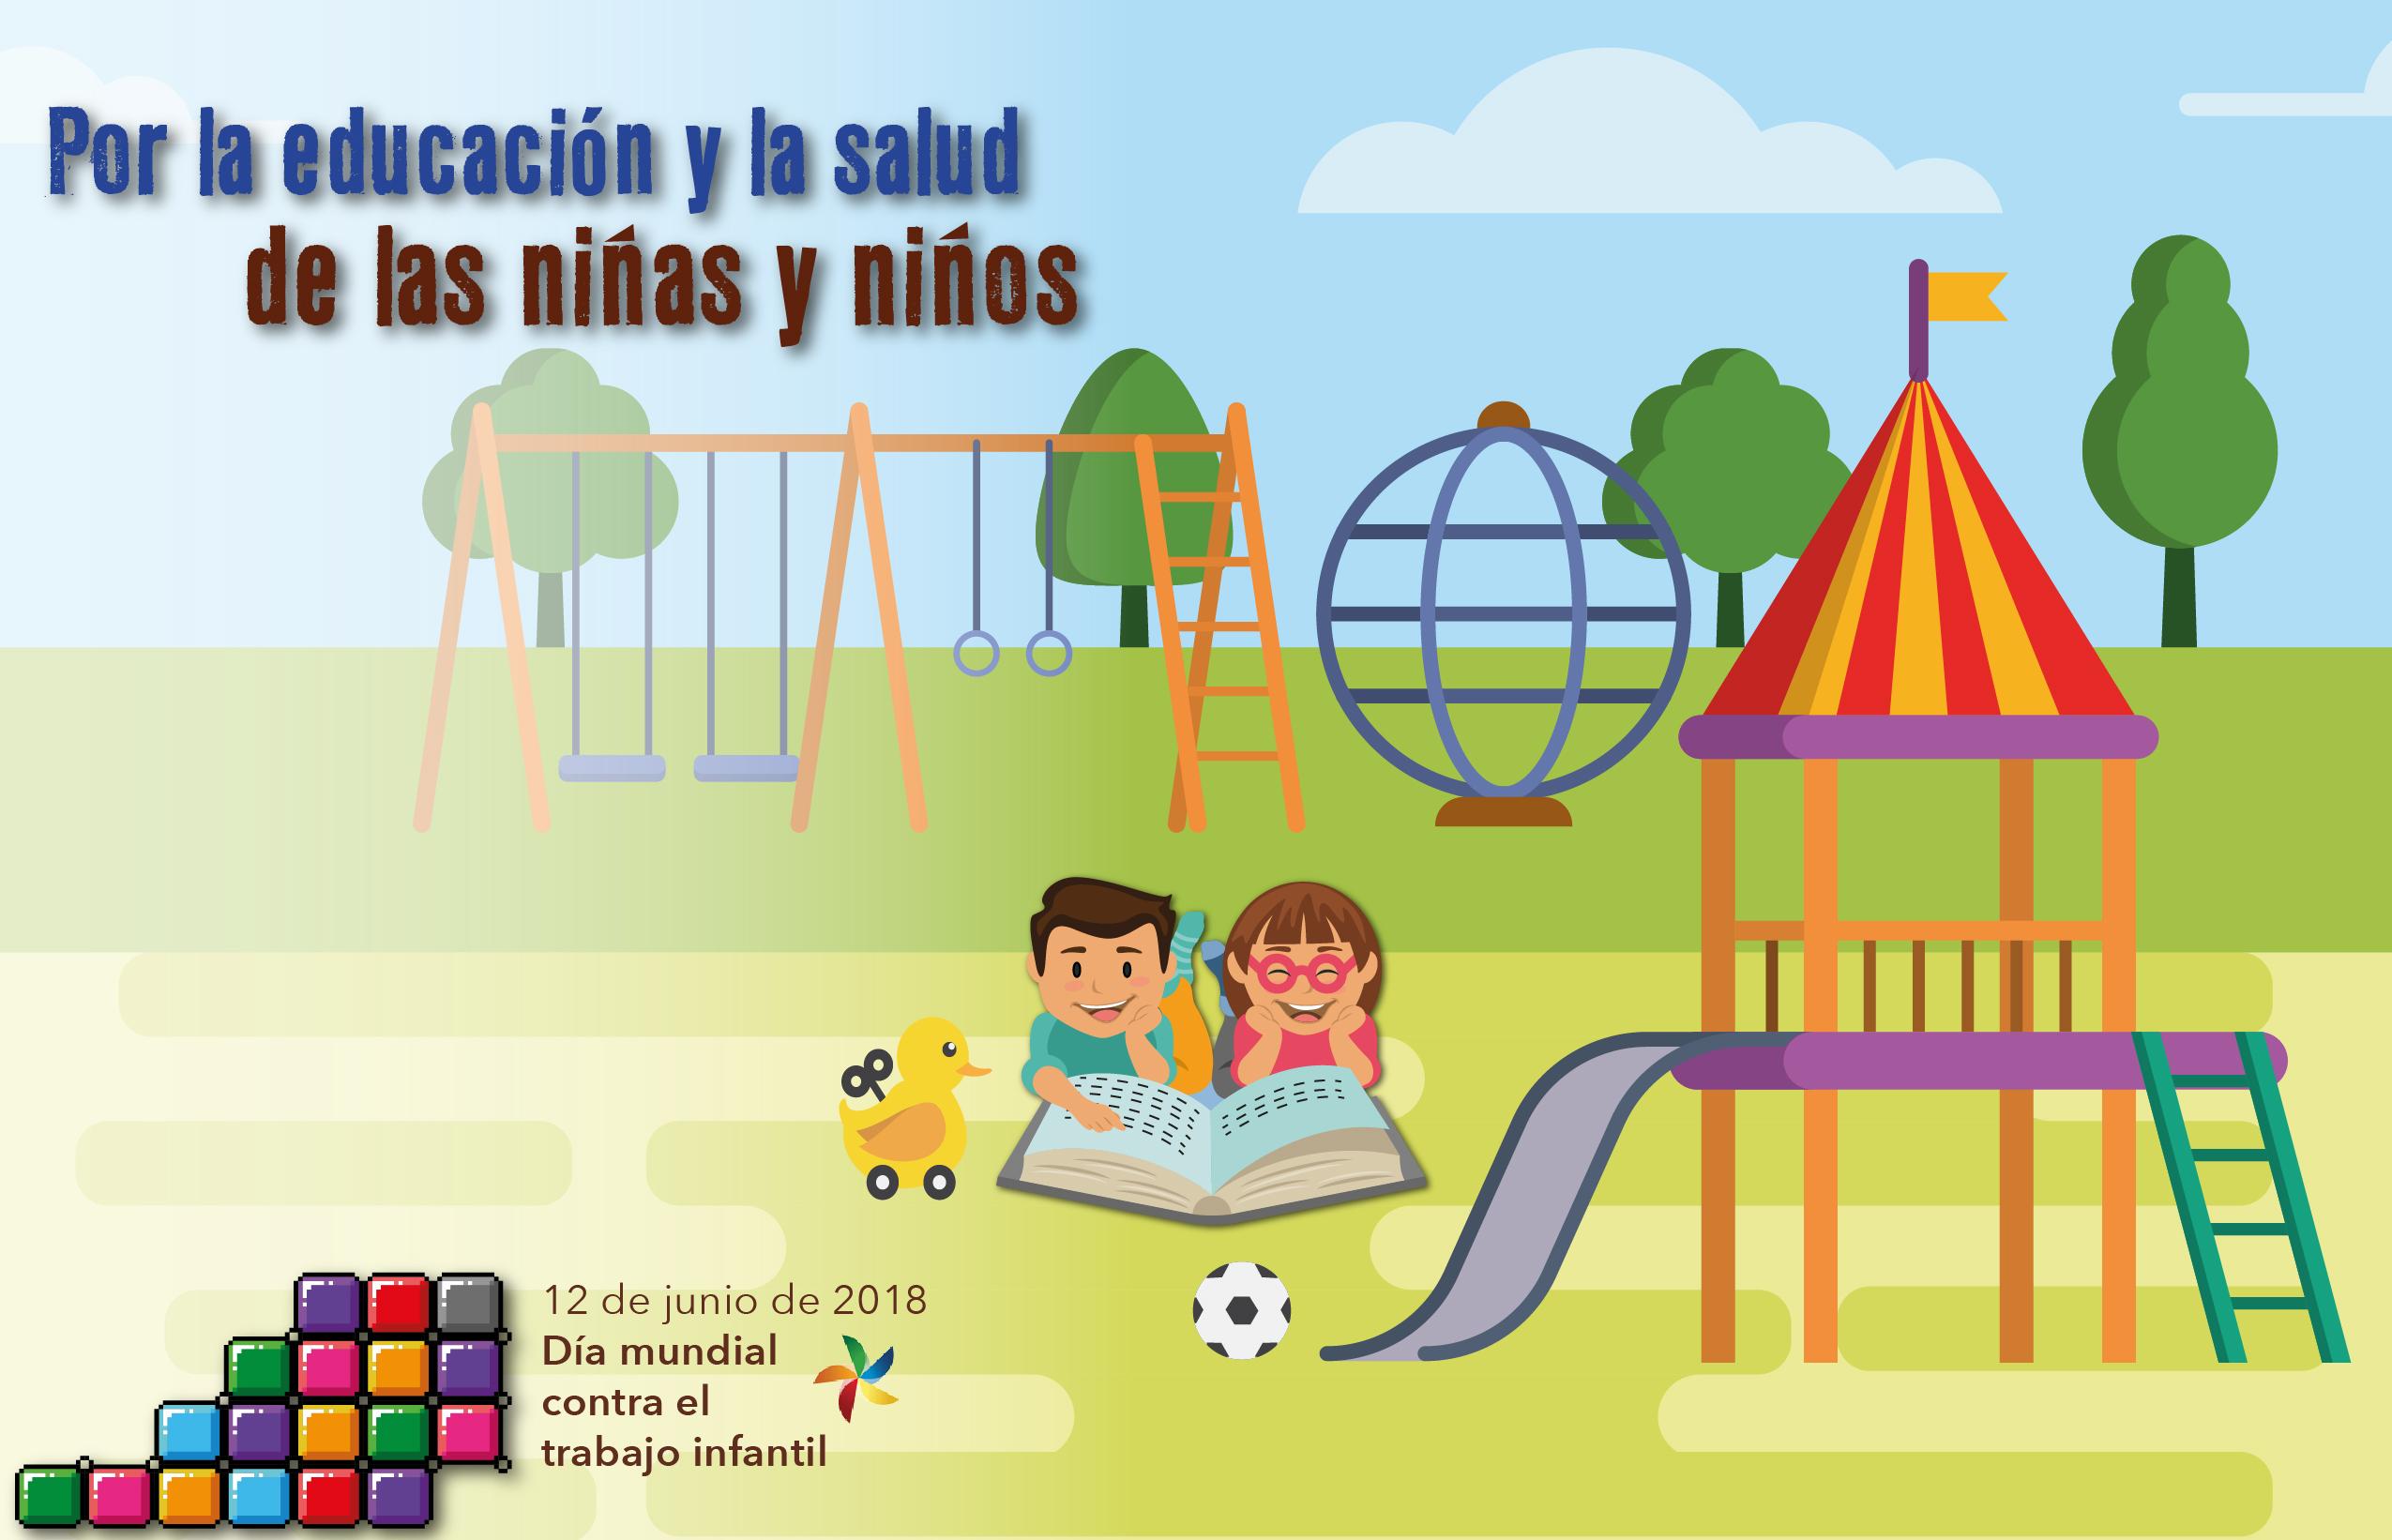 12 de junio Día Mundial contra el Trabajo Infantil. Por la educación y la salud de las niñas y los niños. Se muestra a una niña y un niño leyendo y jugando en un parque.